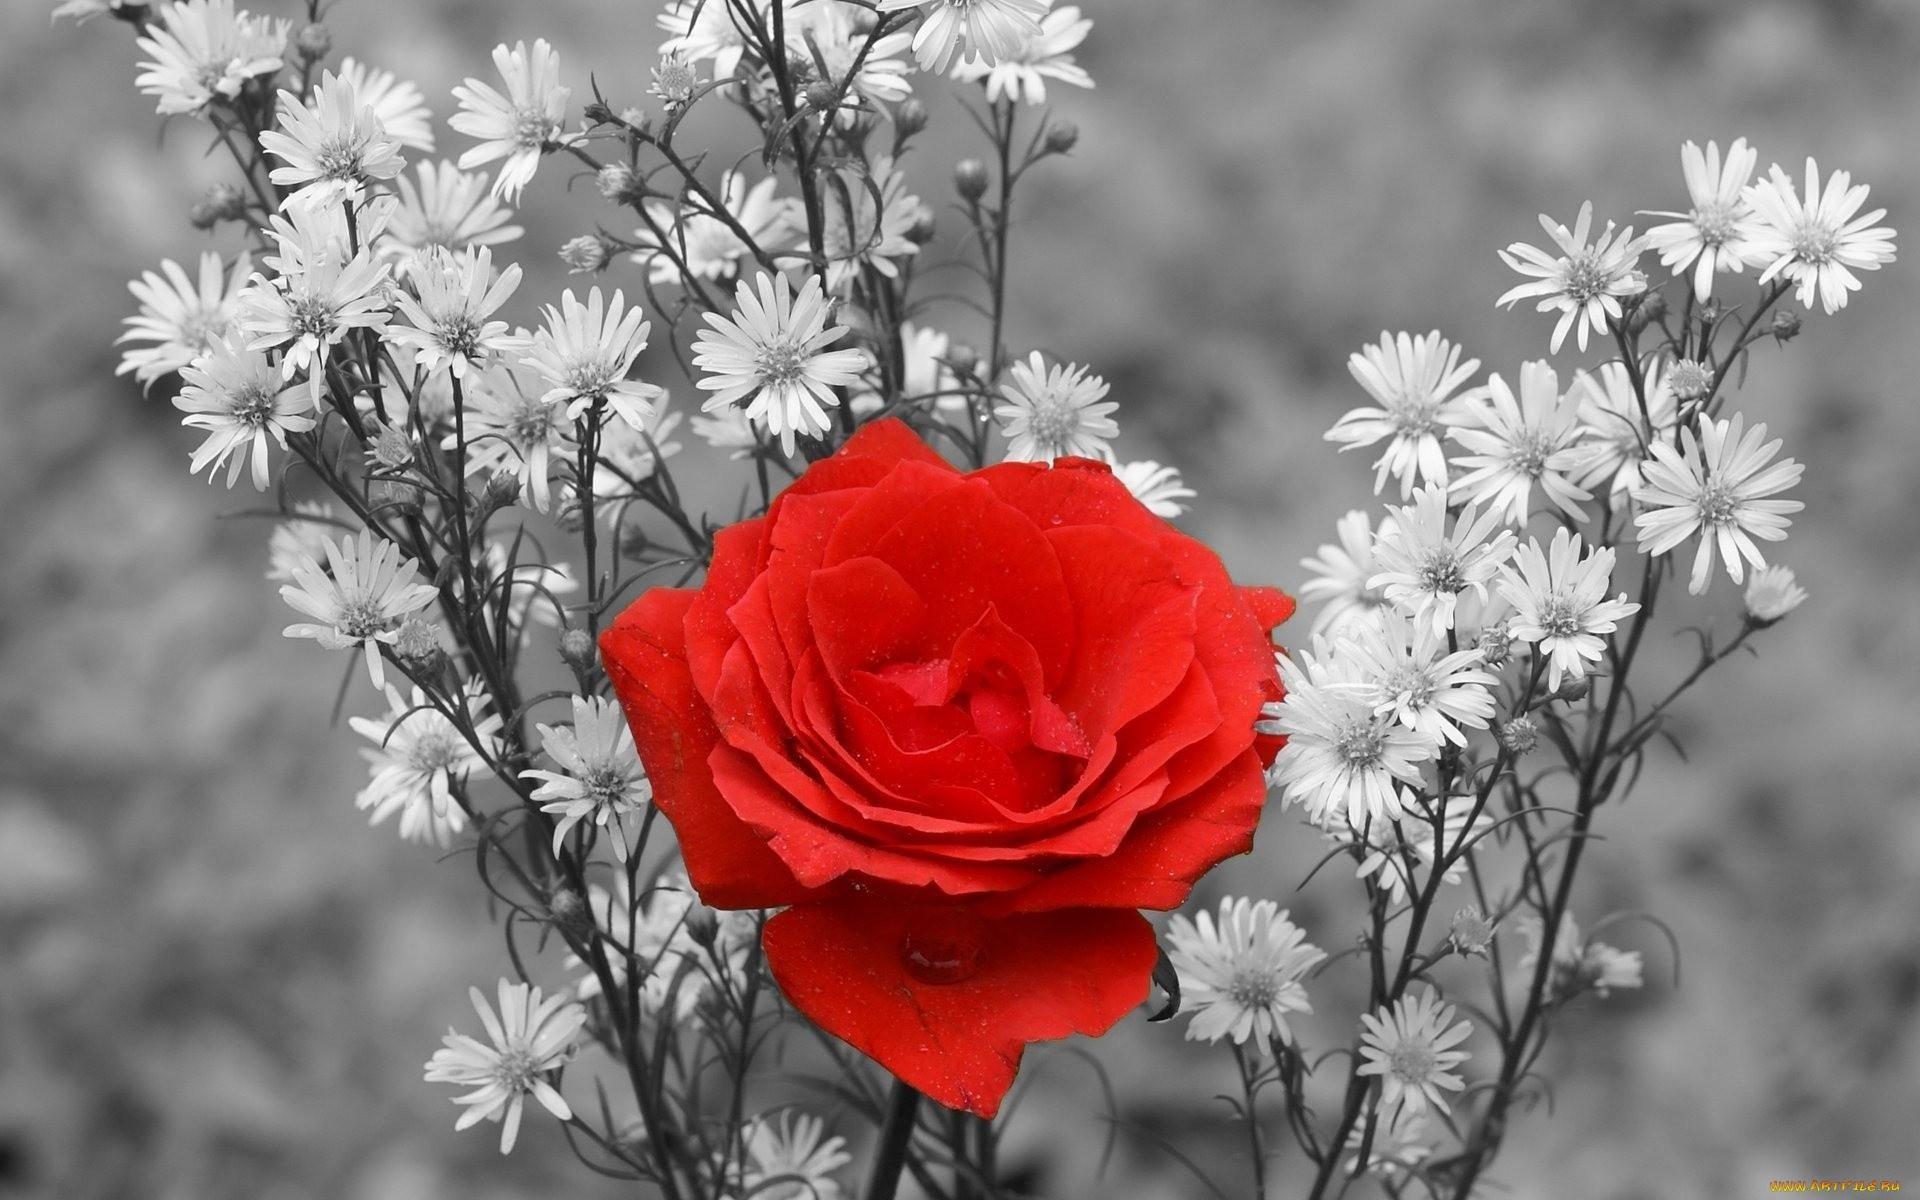 16802 скачать обои Растения, Цветы, Розы - заставки и картинки бесплатно